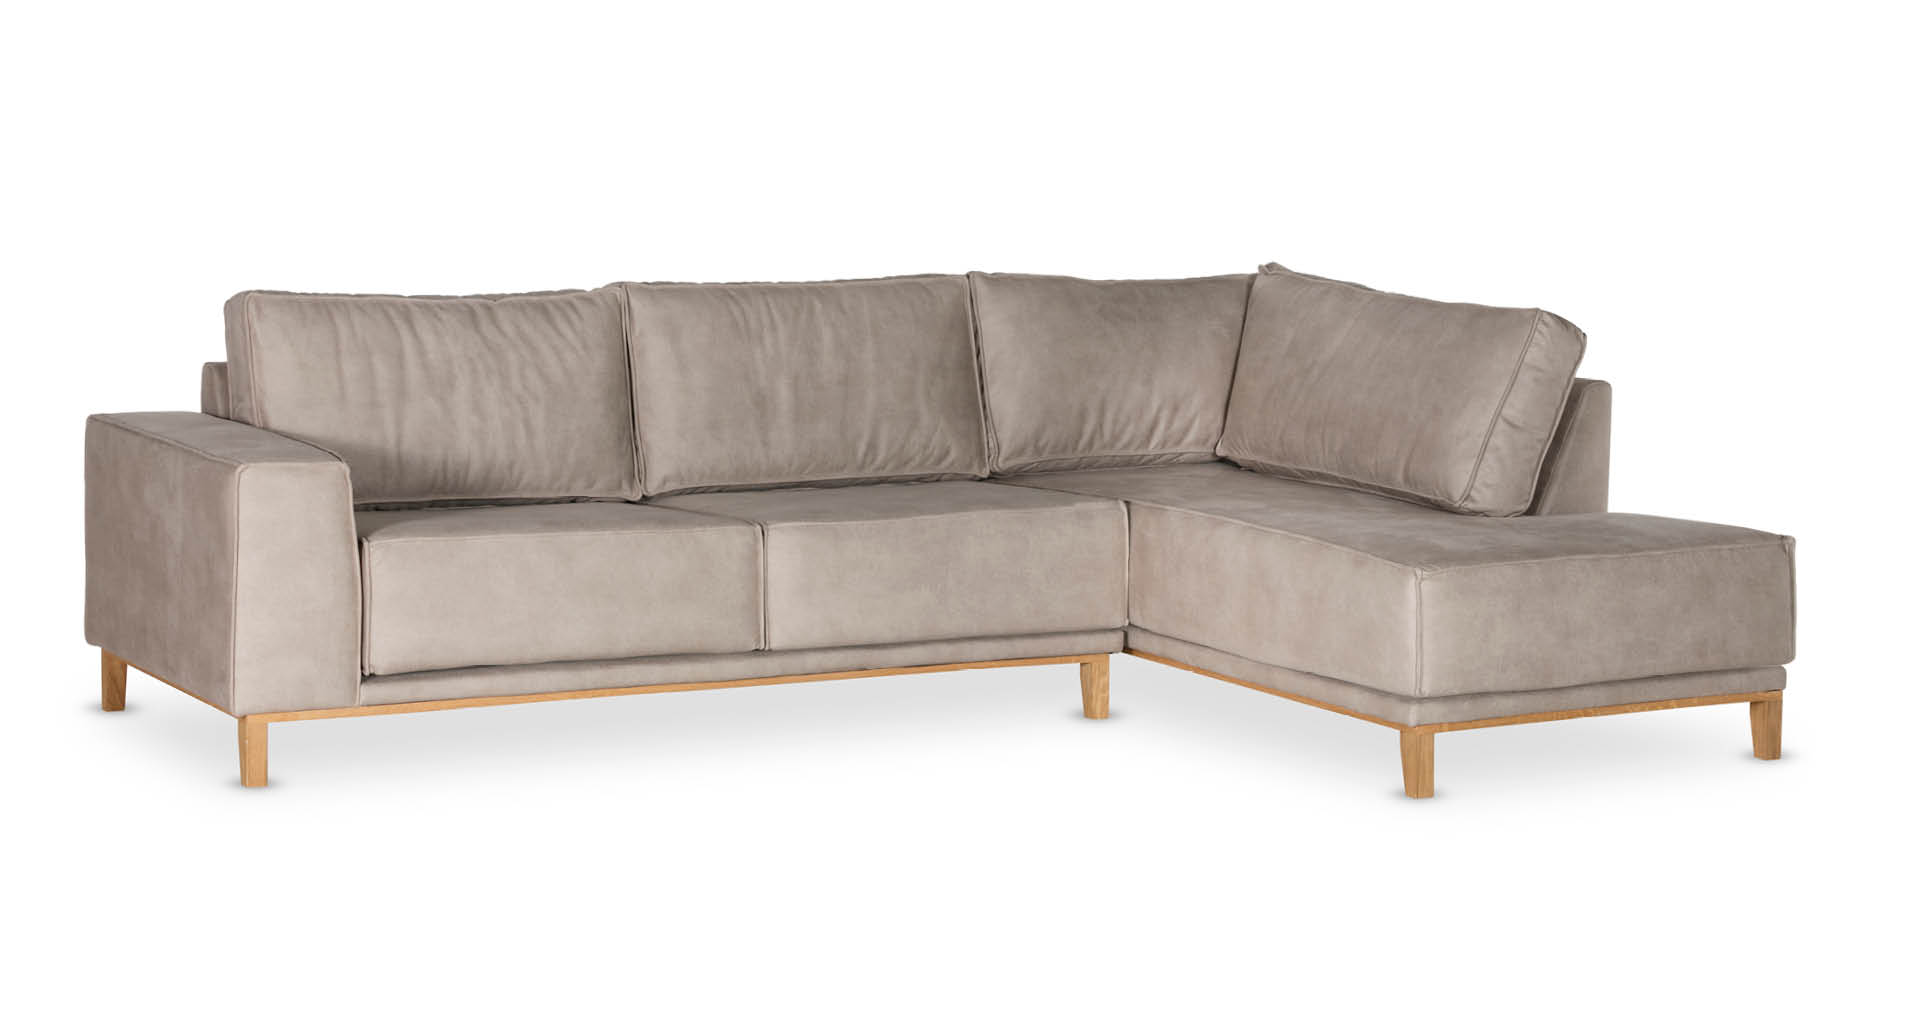 """ספה פינתית ויקלייט צד ימין 300 ס""""מ בגוון אבן כורכר"""